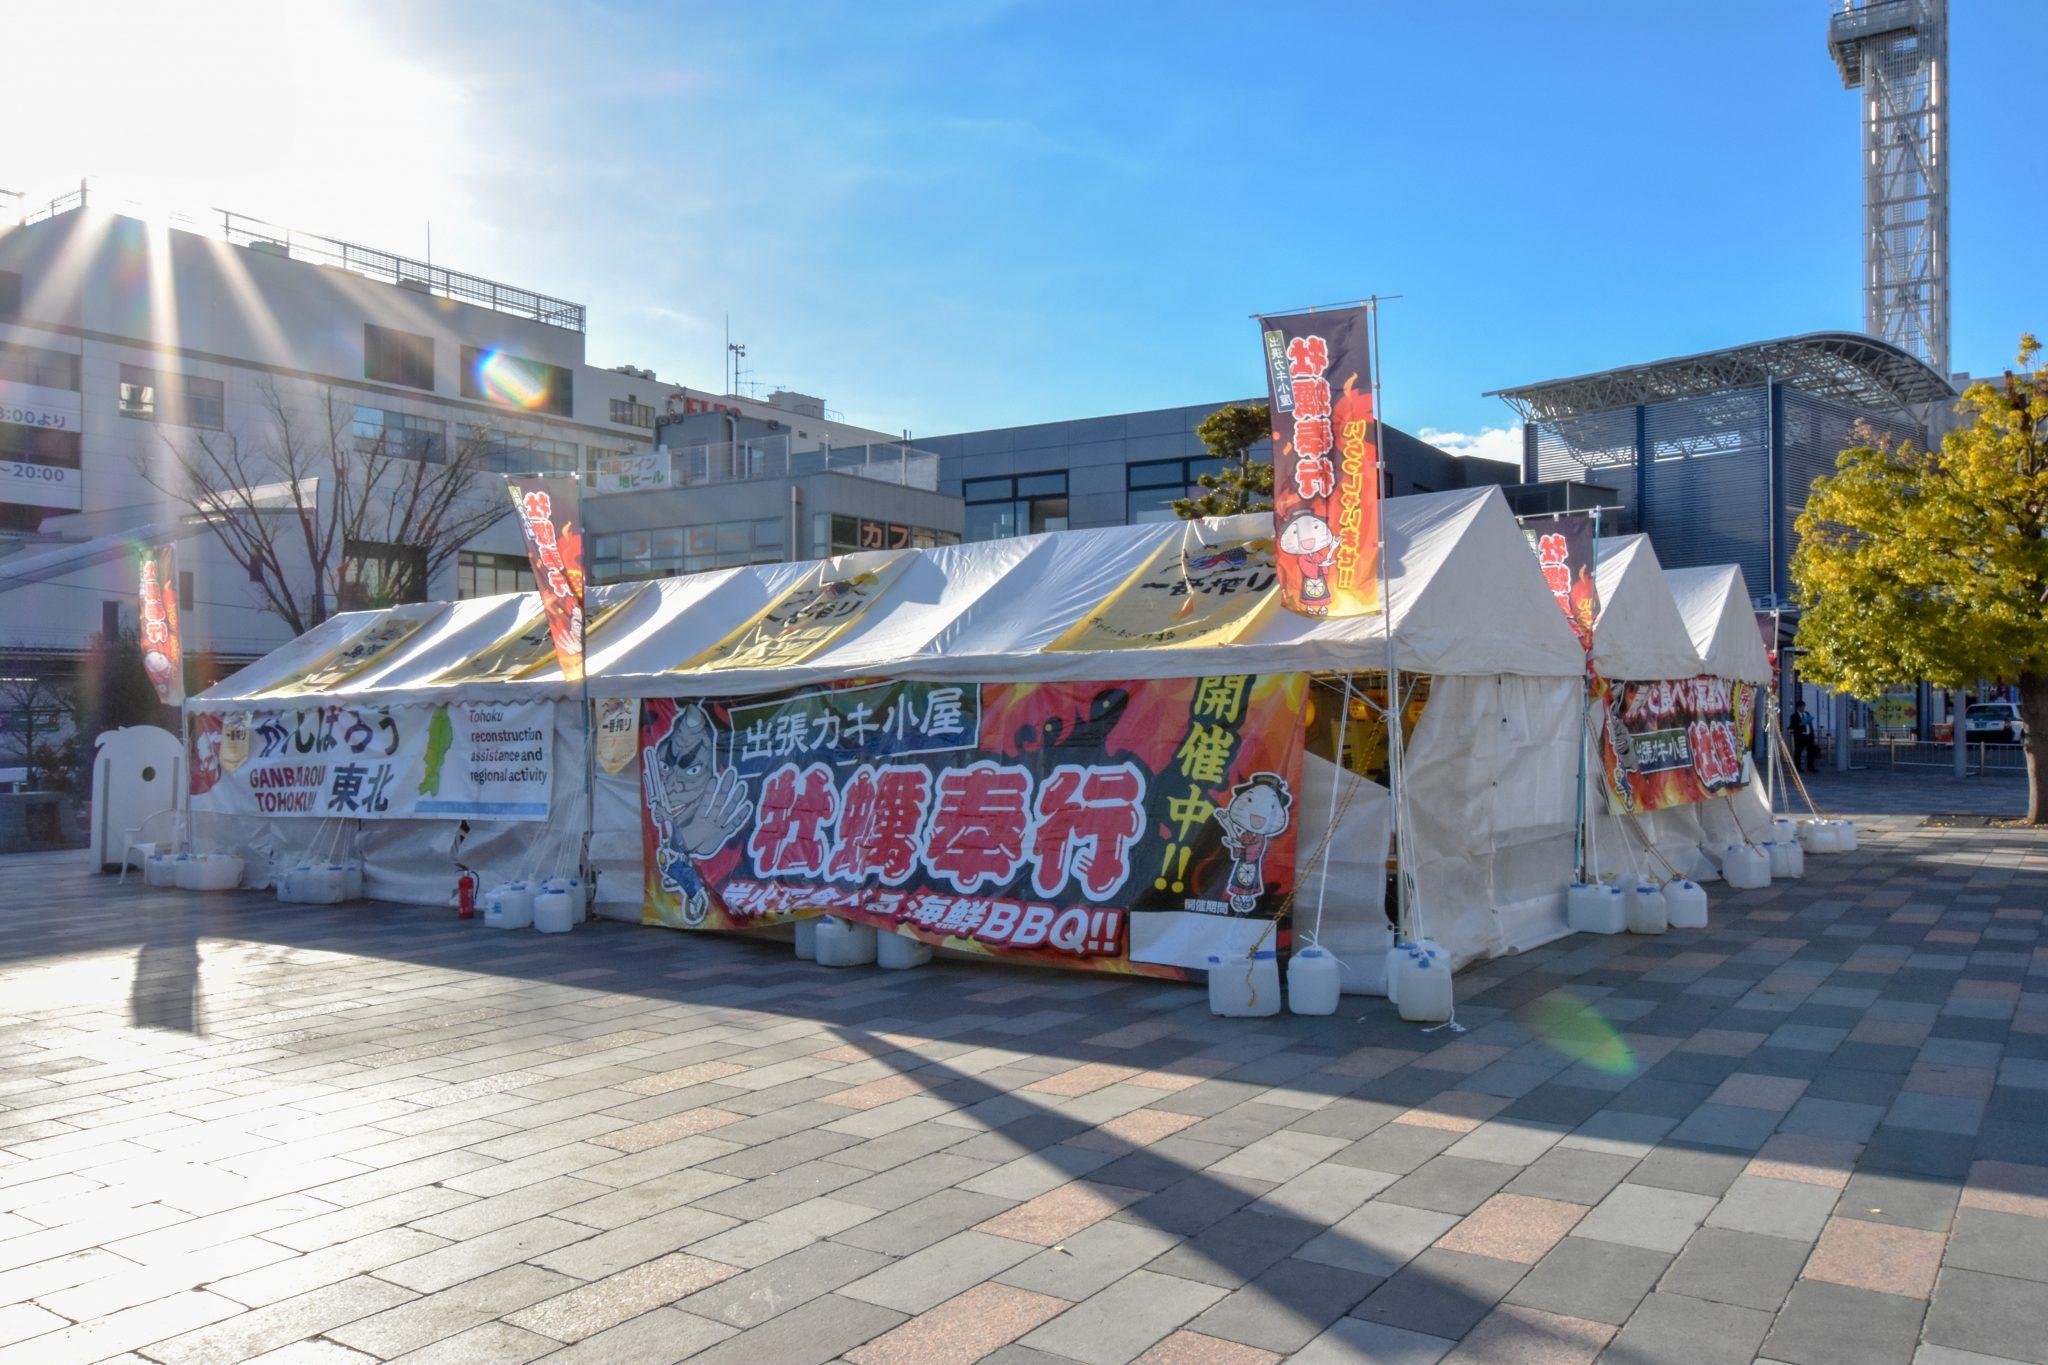 第1回 出張カキ小屋 牡蠣奉行 甲府駅 イベント 3